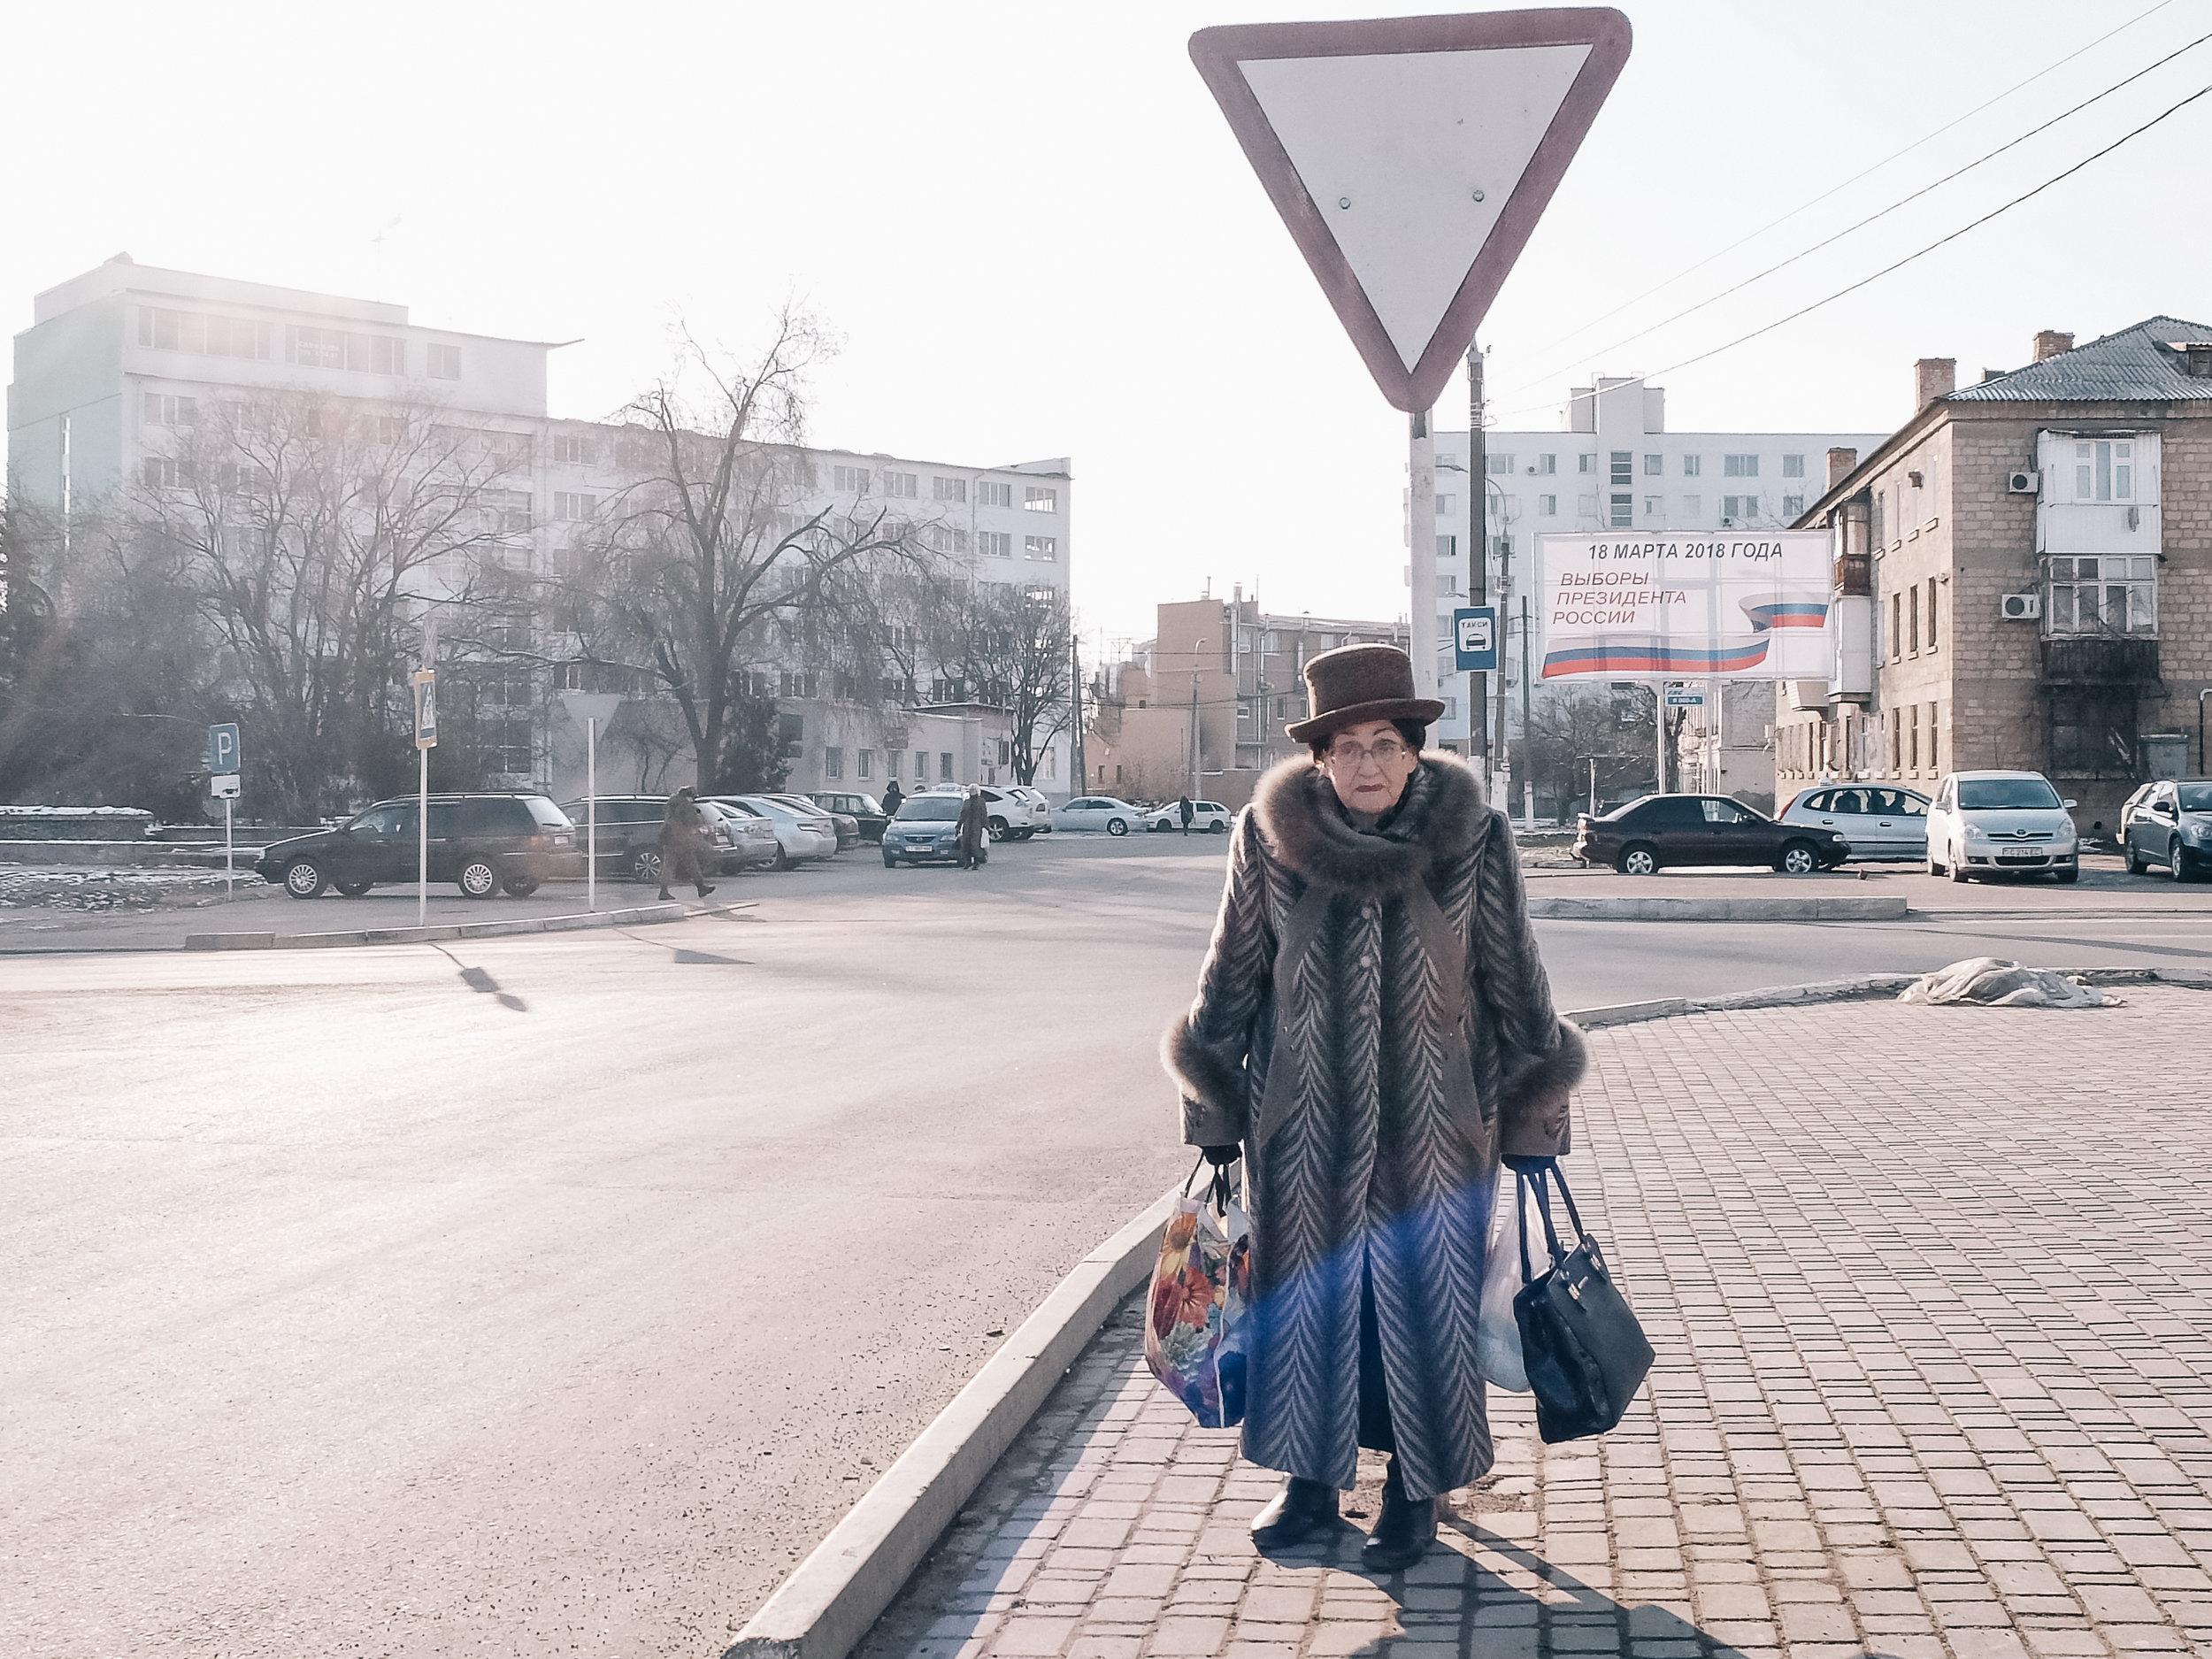 Μια γυναίκα στην Τιρασπόλ